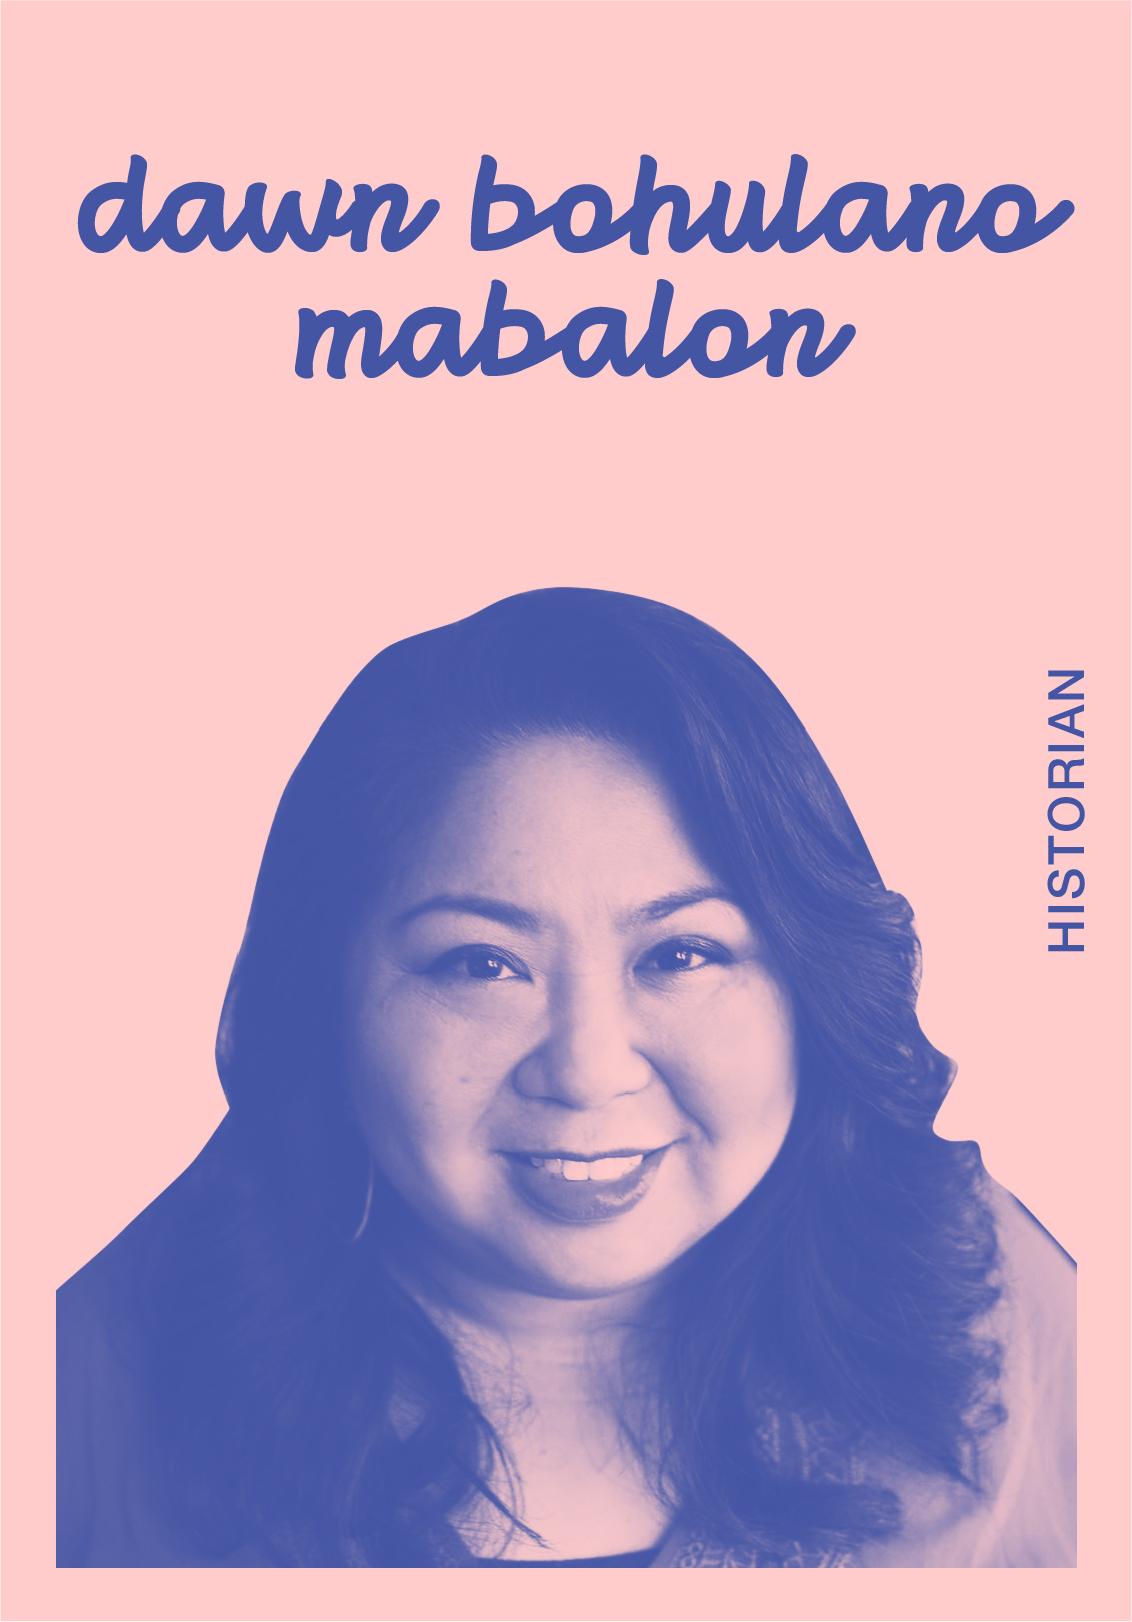 Dawn Bohulano Mabalon   KQED   SF CHRONICLE